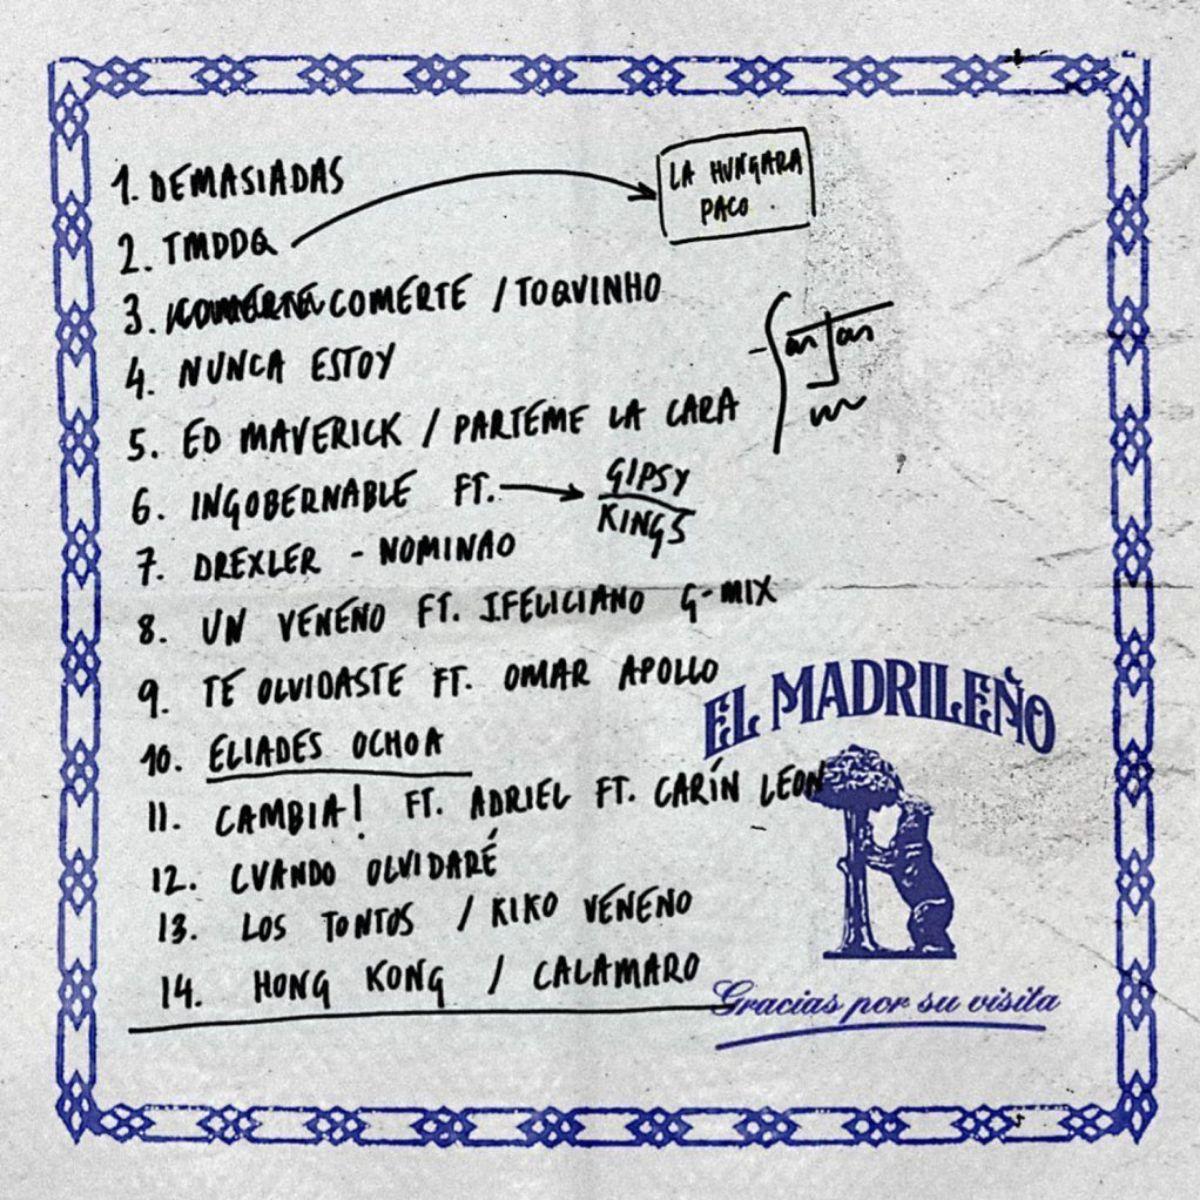 Lista de canciones de 'El Madrileño'.